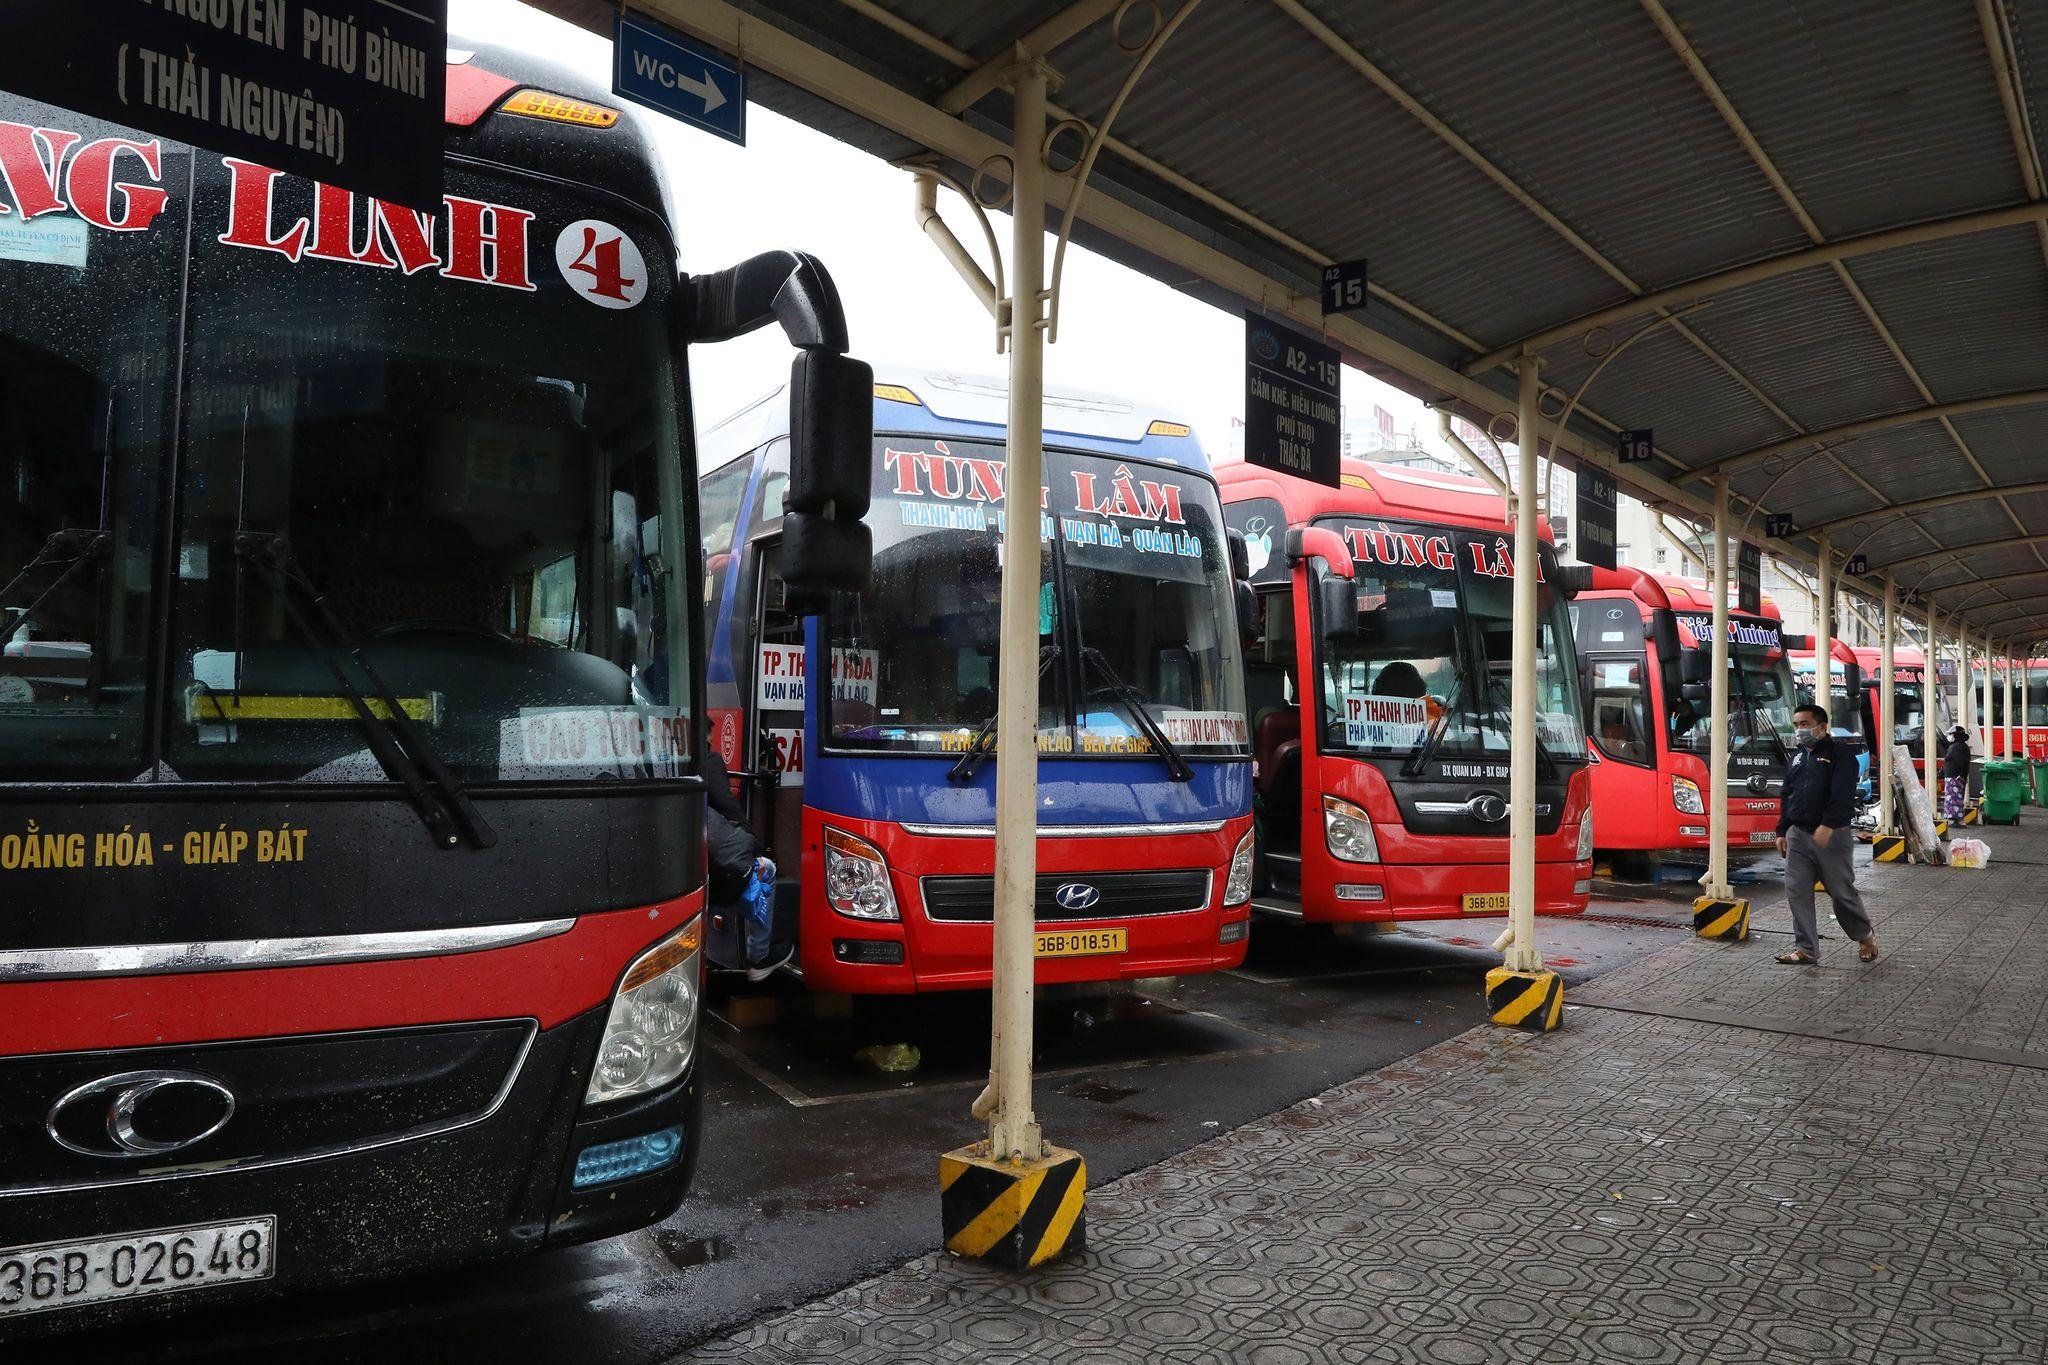 Xe khách đỗ tại Bến xe Giáp Bát, tháng 2/2021. Ảnh: Ngọc Thành